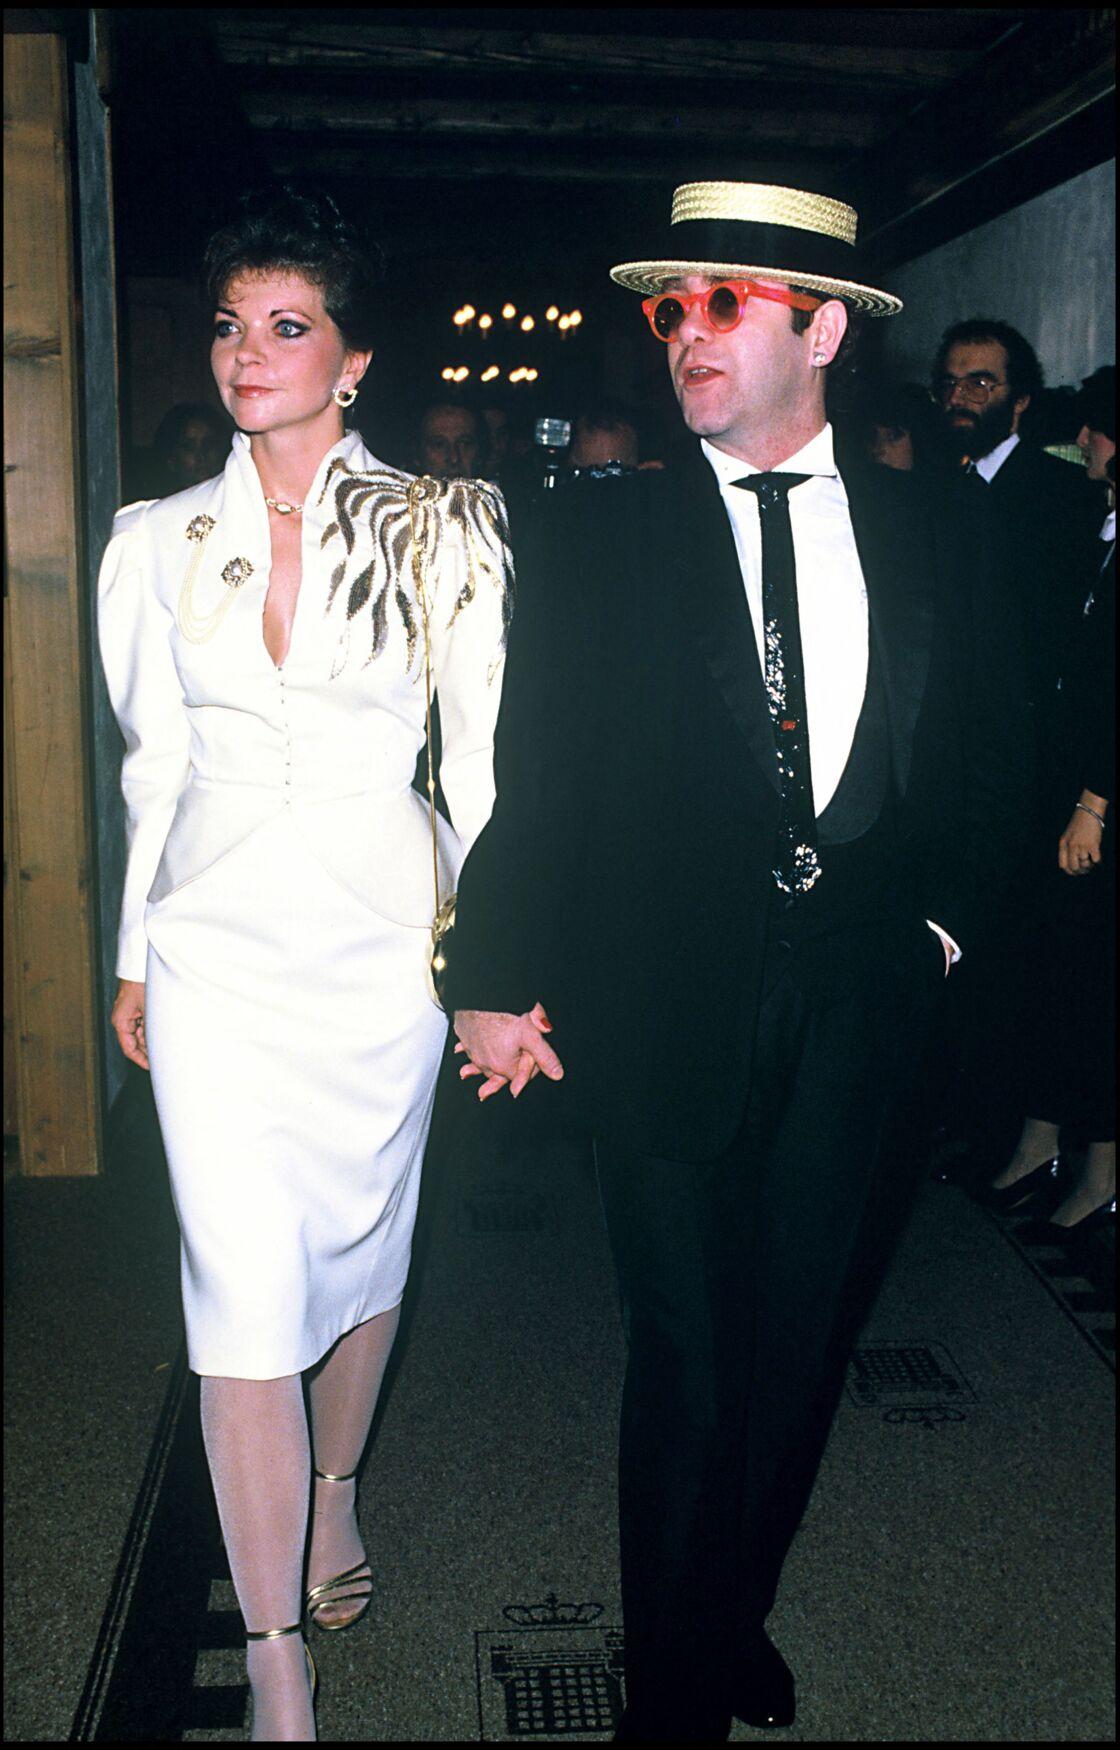 Renate Blauel et Elton John à Gstaad en Suisse, en 1979.